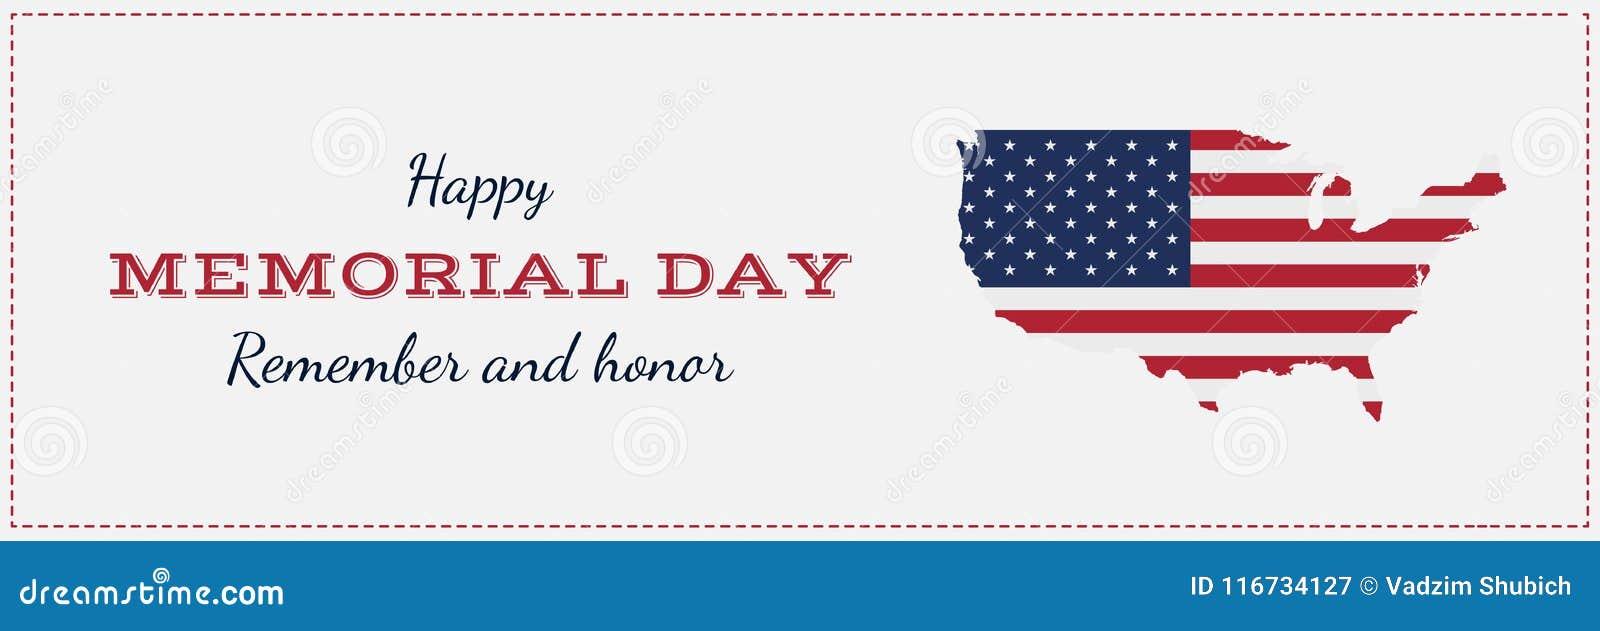 Jour du Souvenir heureux avec la carte des Etats-Unis Carte de voeux avec le drapeau et la carte Événement américain national de